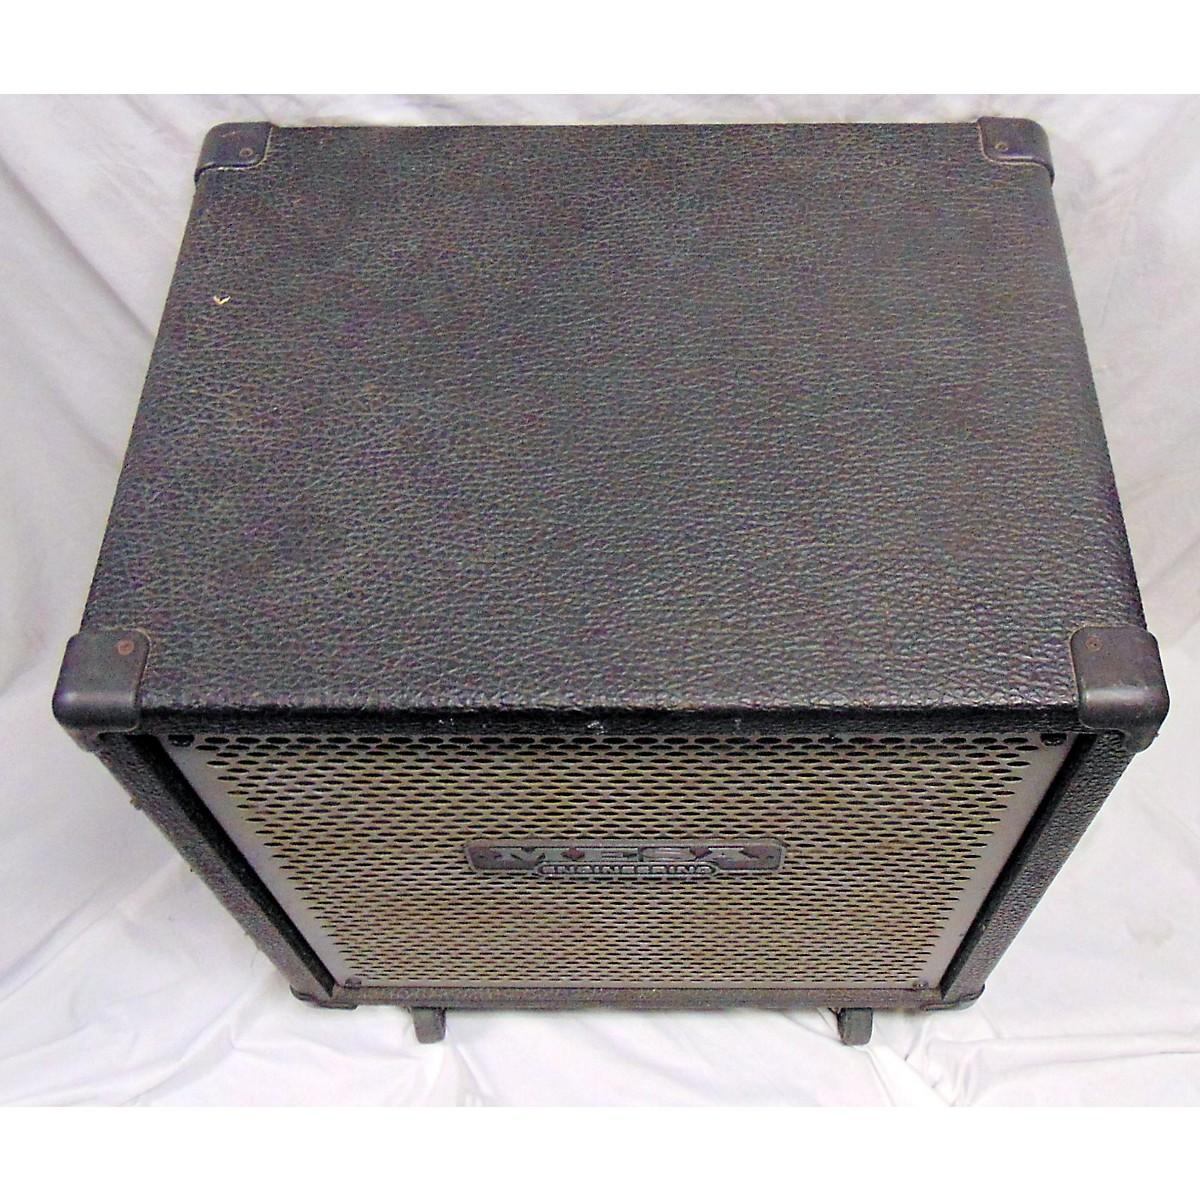 Mesa Boogie Powerhouse 4X10 Bass Cabinet